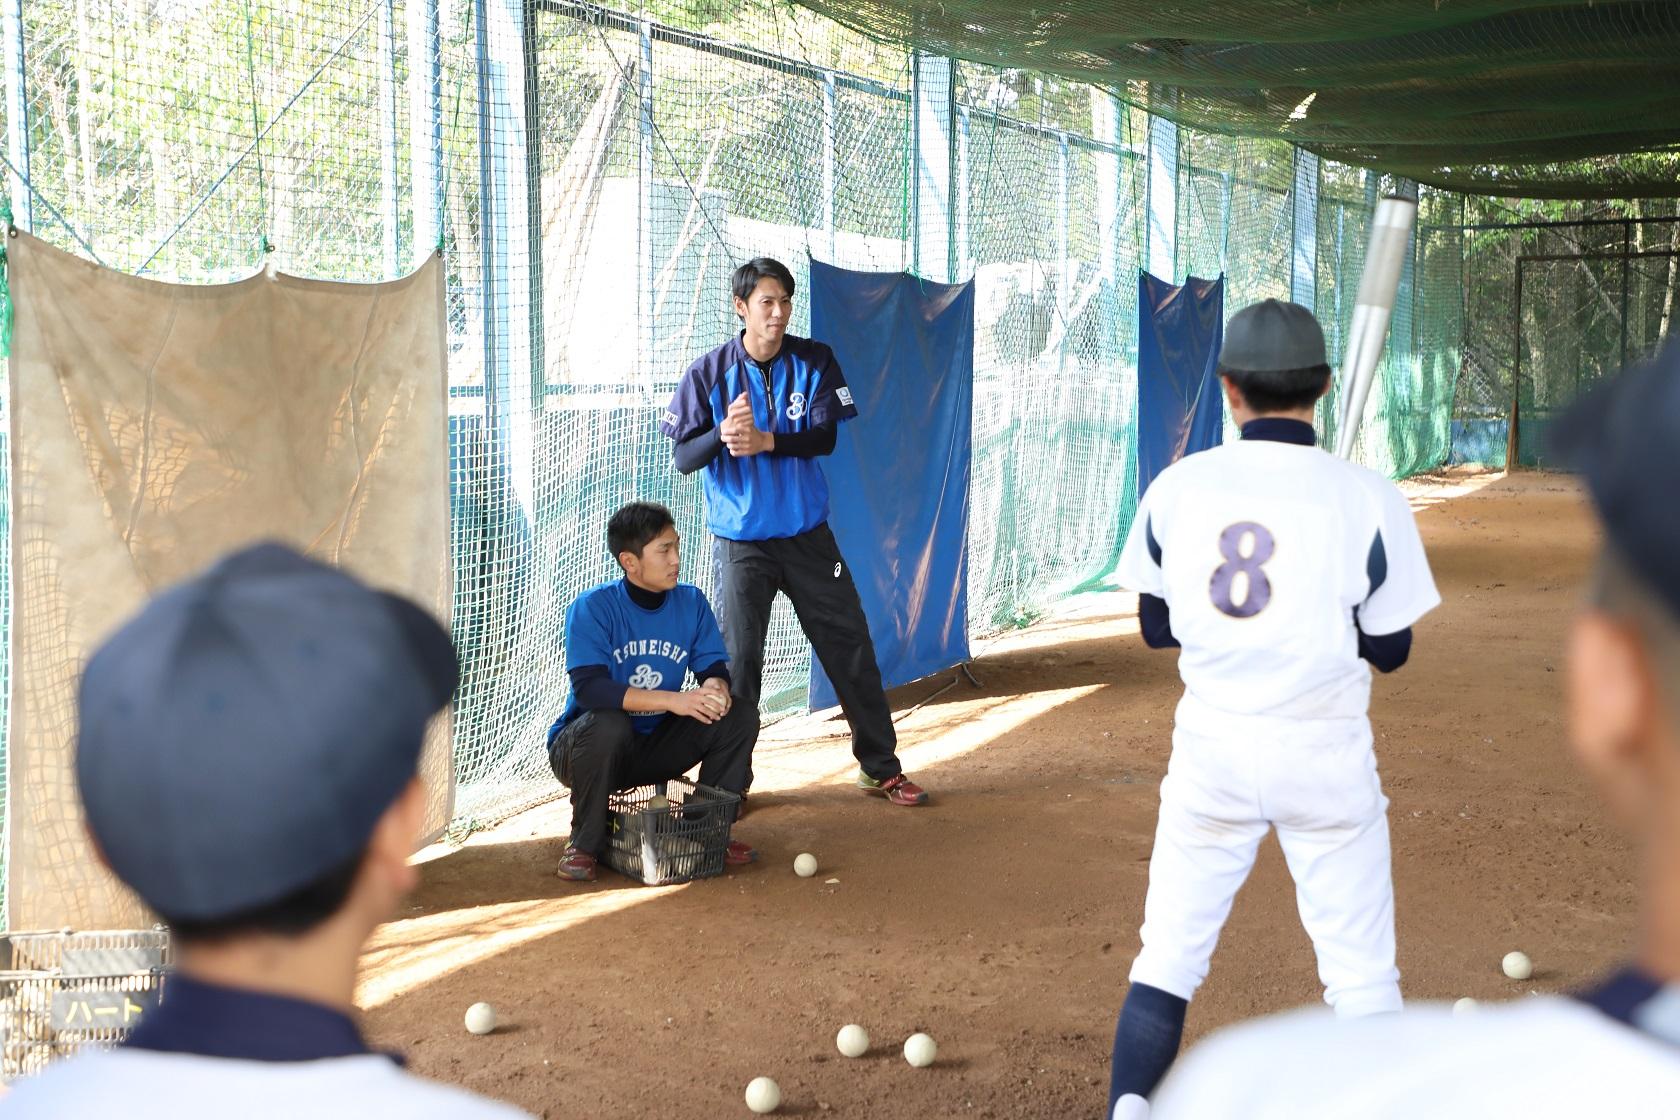 ツネイシブルーパイレーツによる野球教室も同時開催